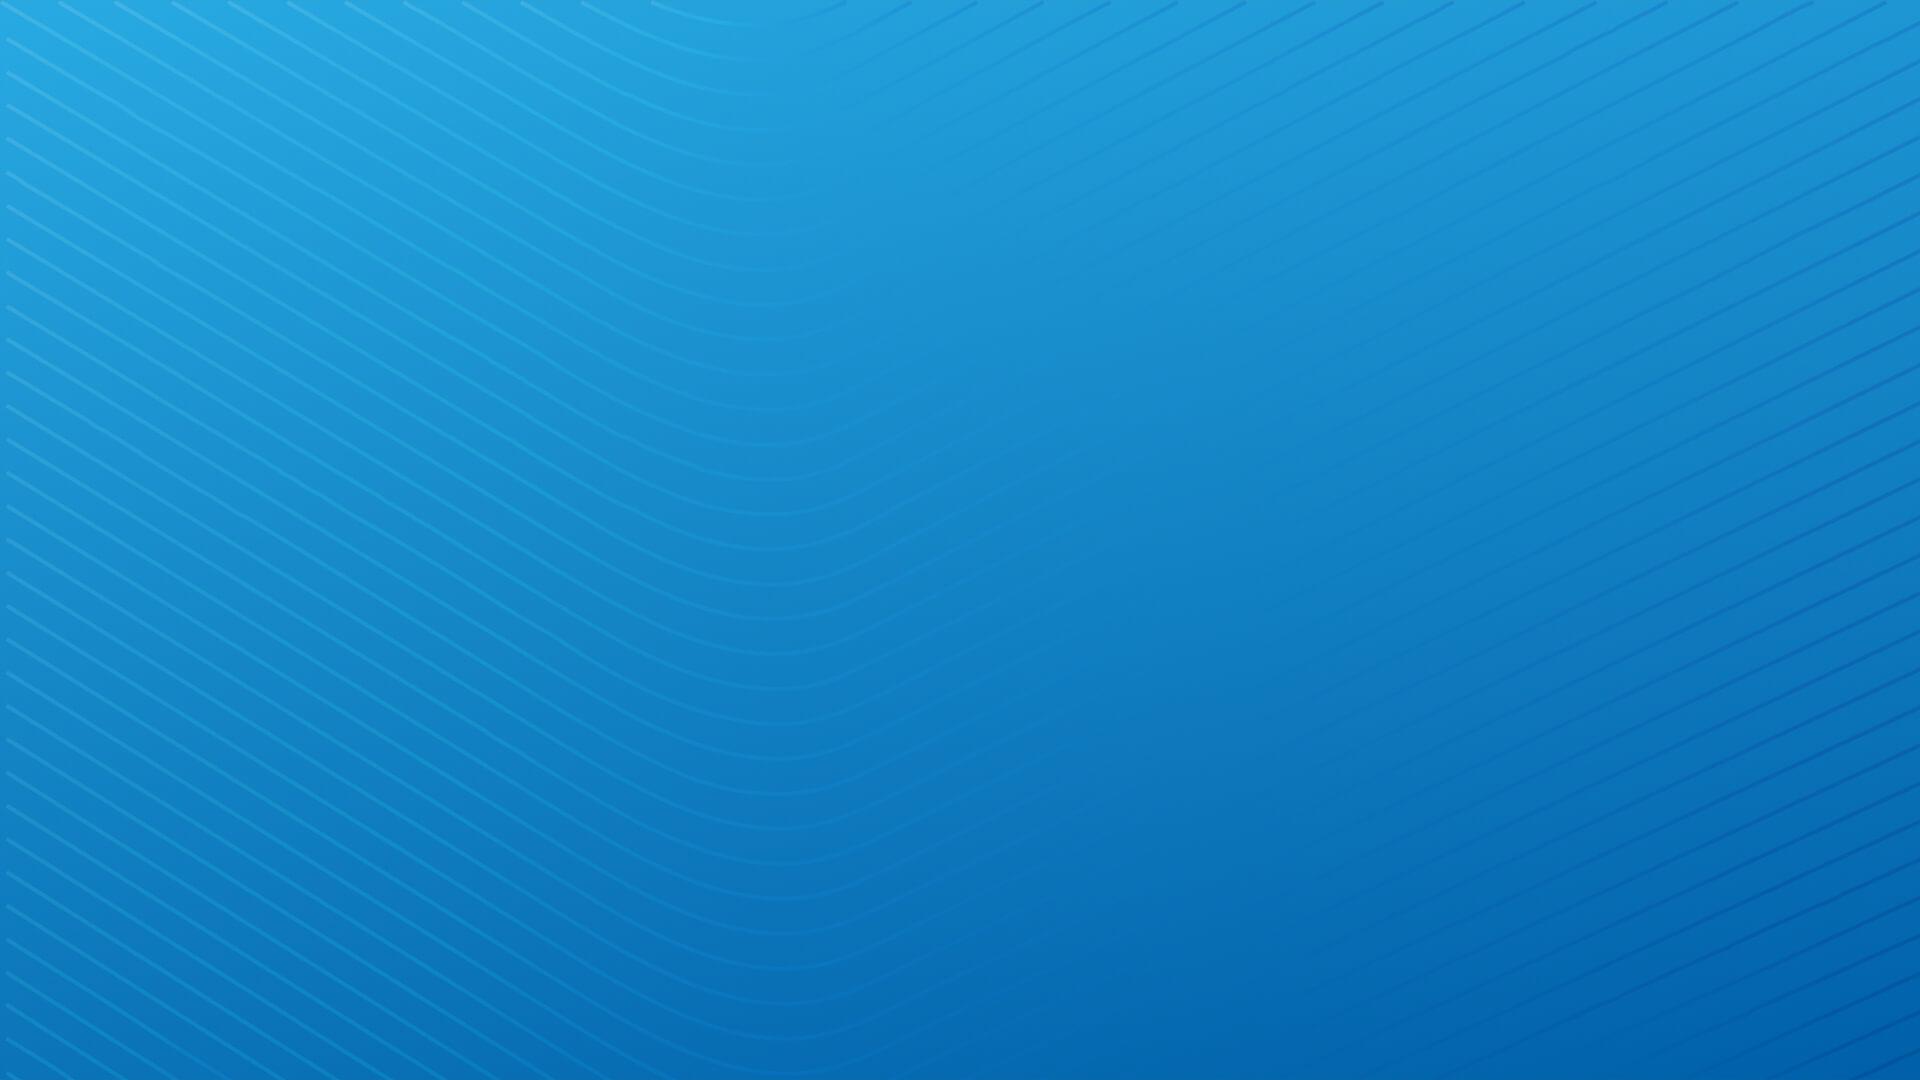 Background modulo vídeo exlusivo